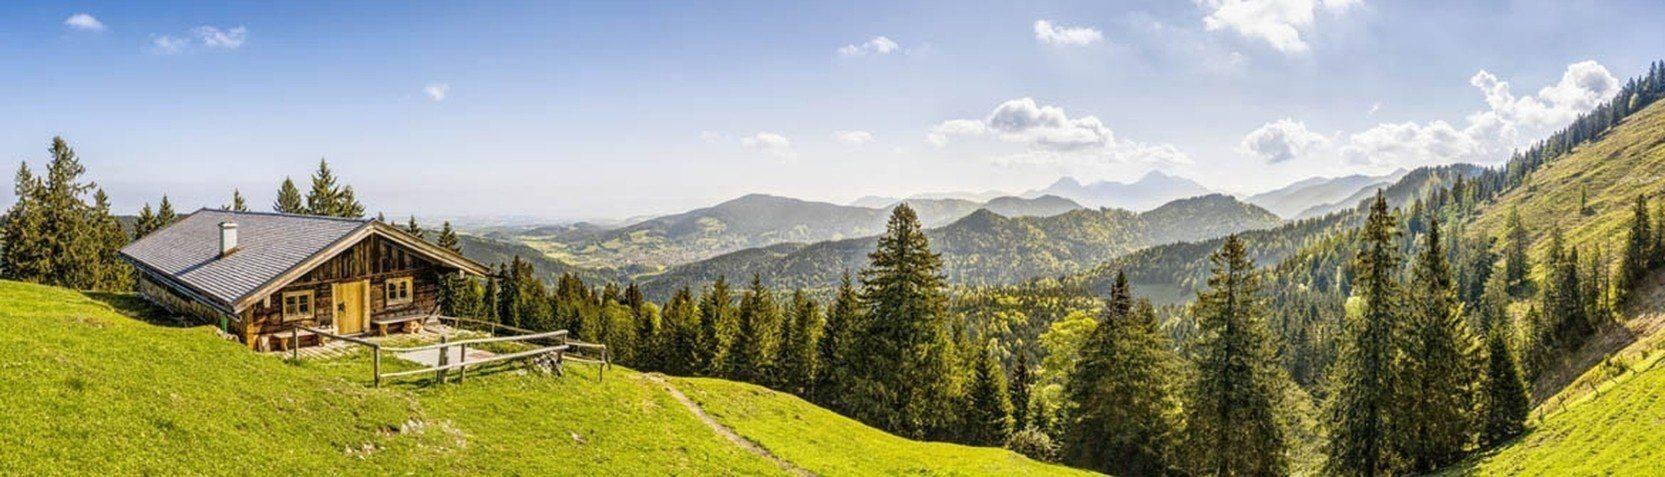 Fotografia - Montagne e valli